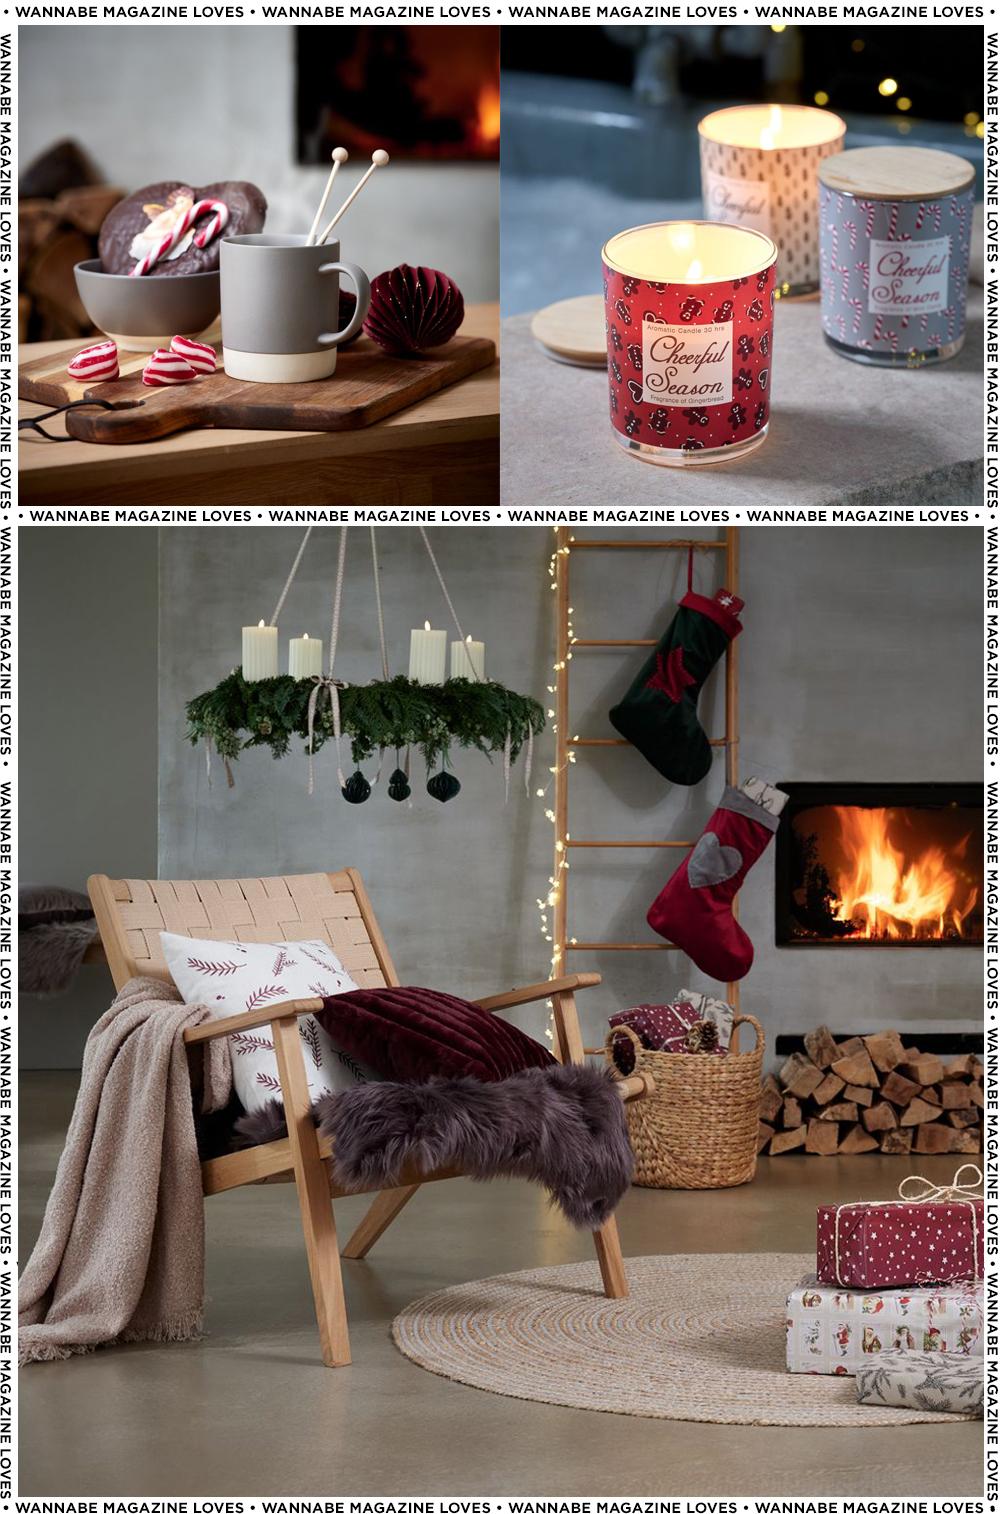 j2 1 Unesite novogodišnje raspoloženje u svoj dom ovim prazničnim detaljima